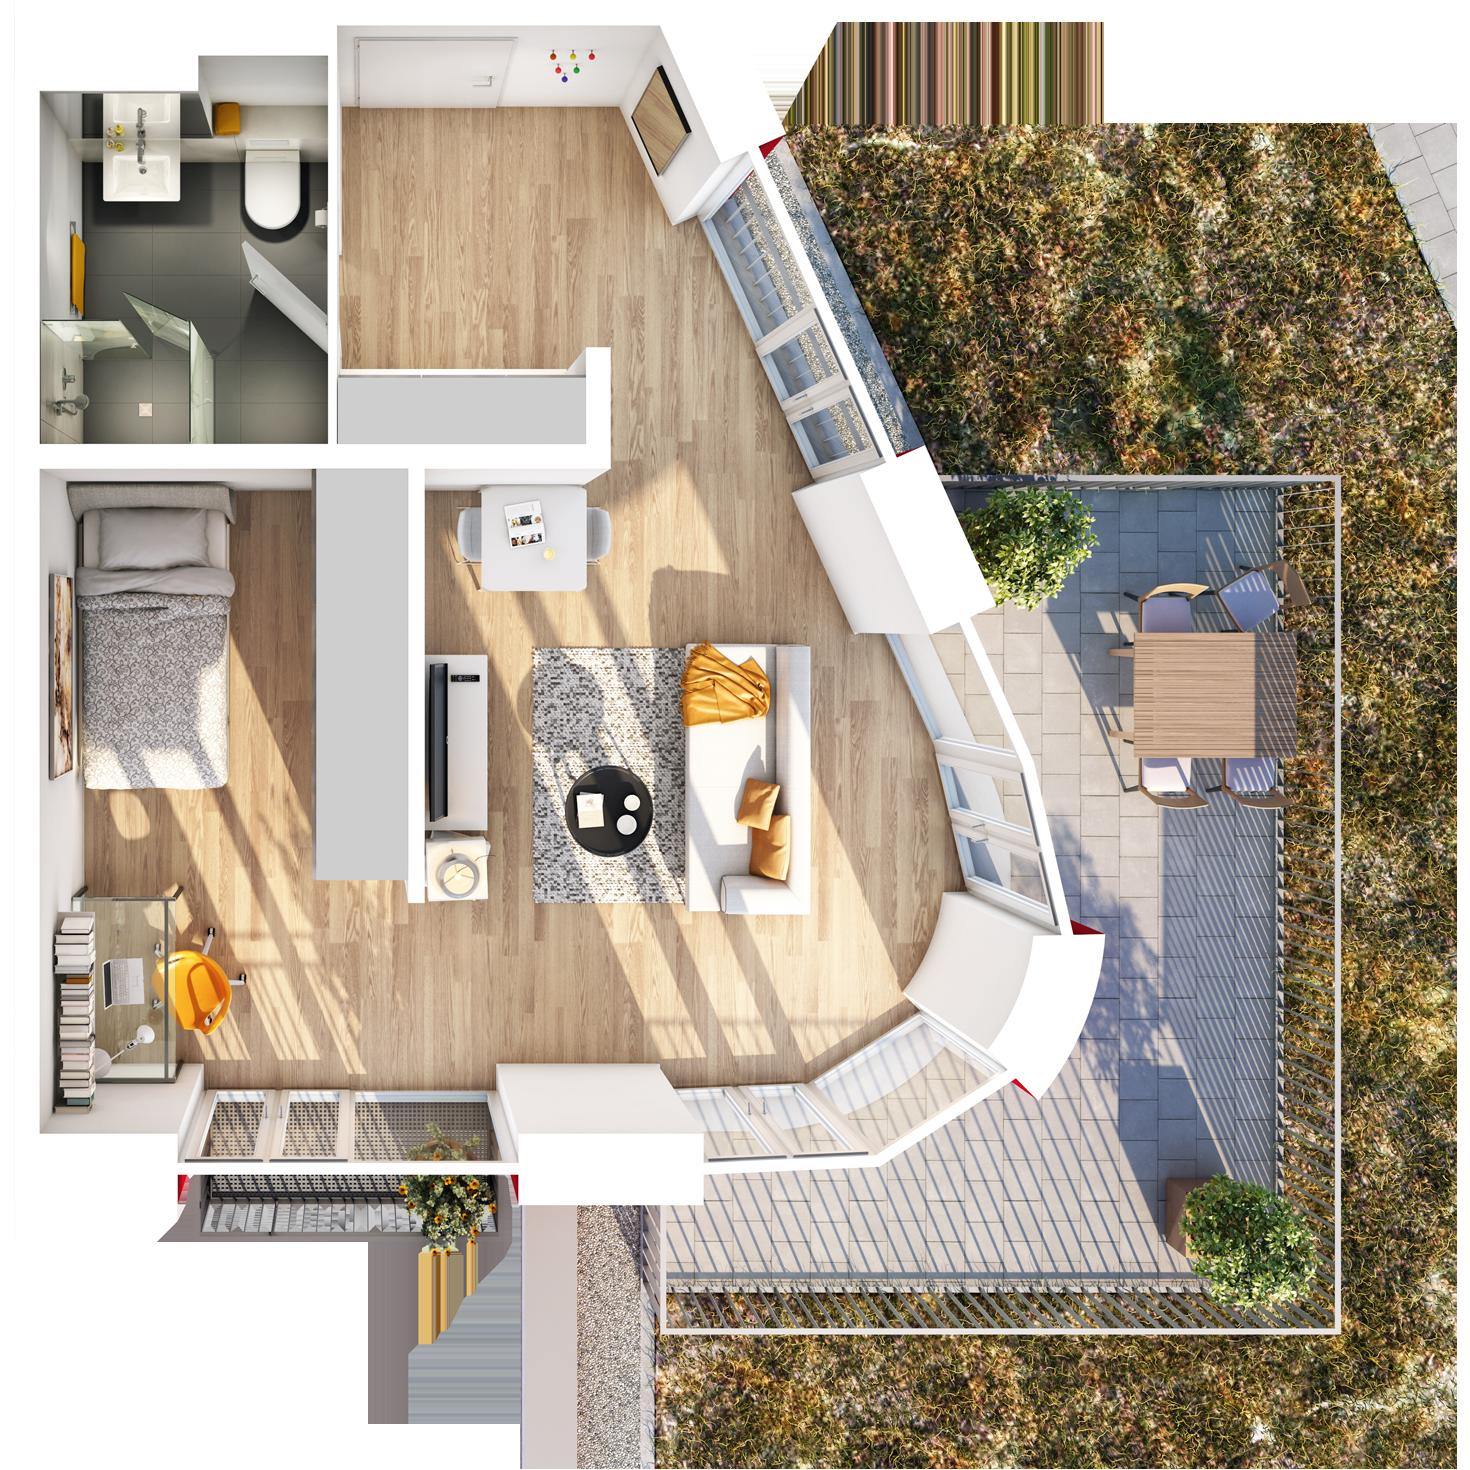 Visualisierung Beispiel 1,5-Zimmer-Wohnung Typ E mit Bad, abgetrennter Küche, geteiltem großen Wohn- und Schlafbereich und Terrasse im studiosus 5 Apartmenthaus in Augsburg